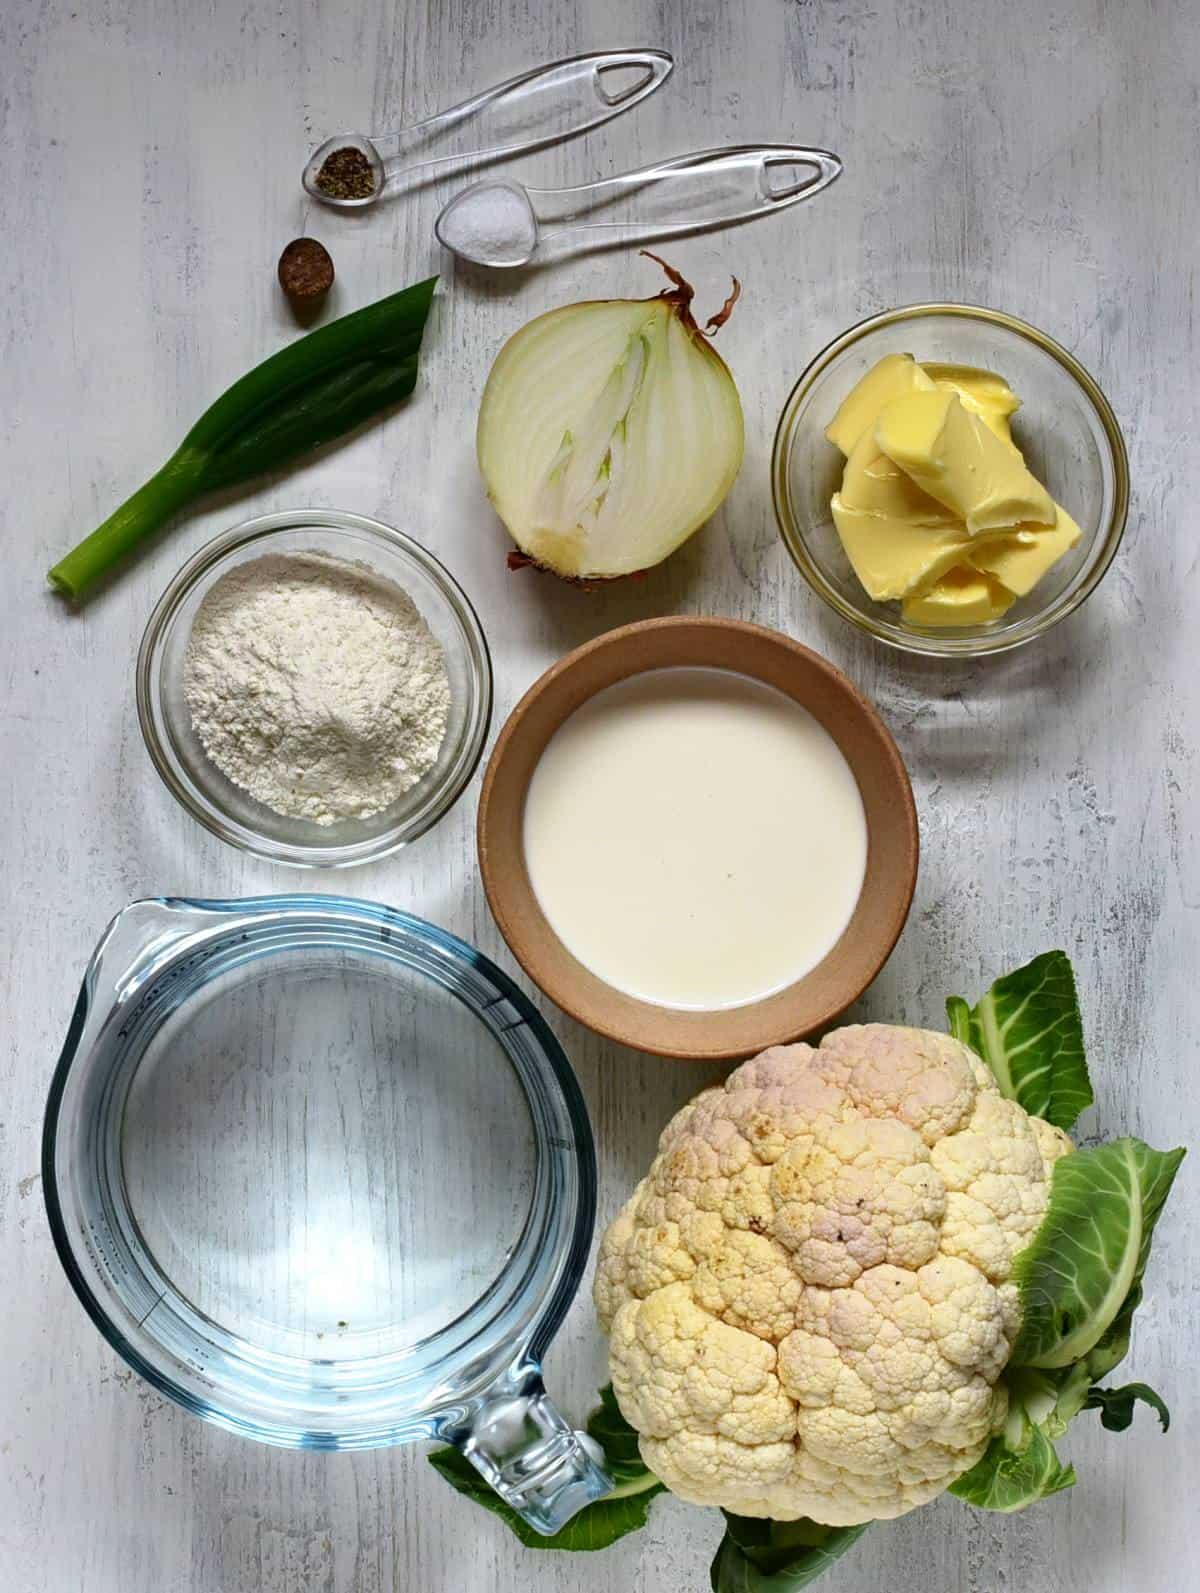 cauliflower soup ingredients